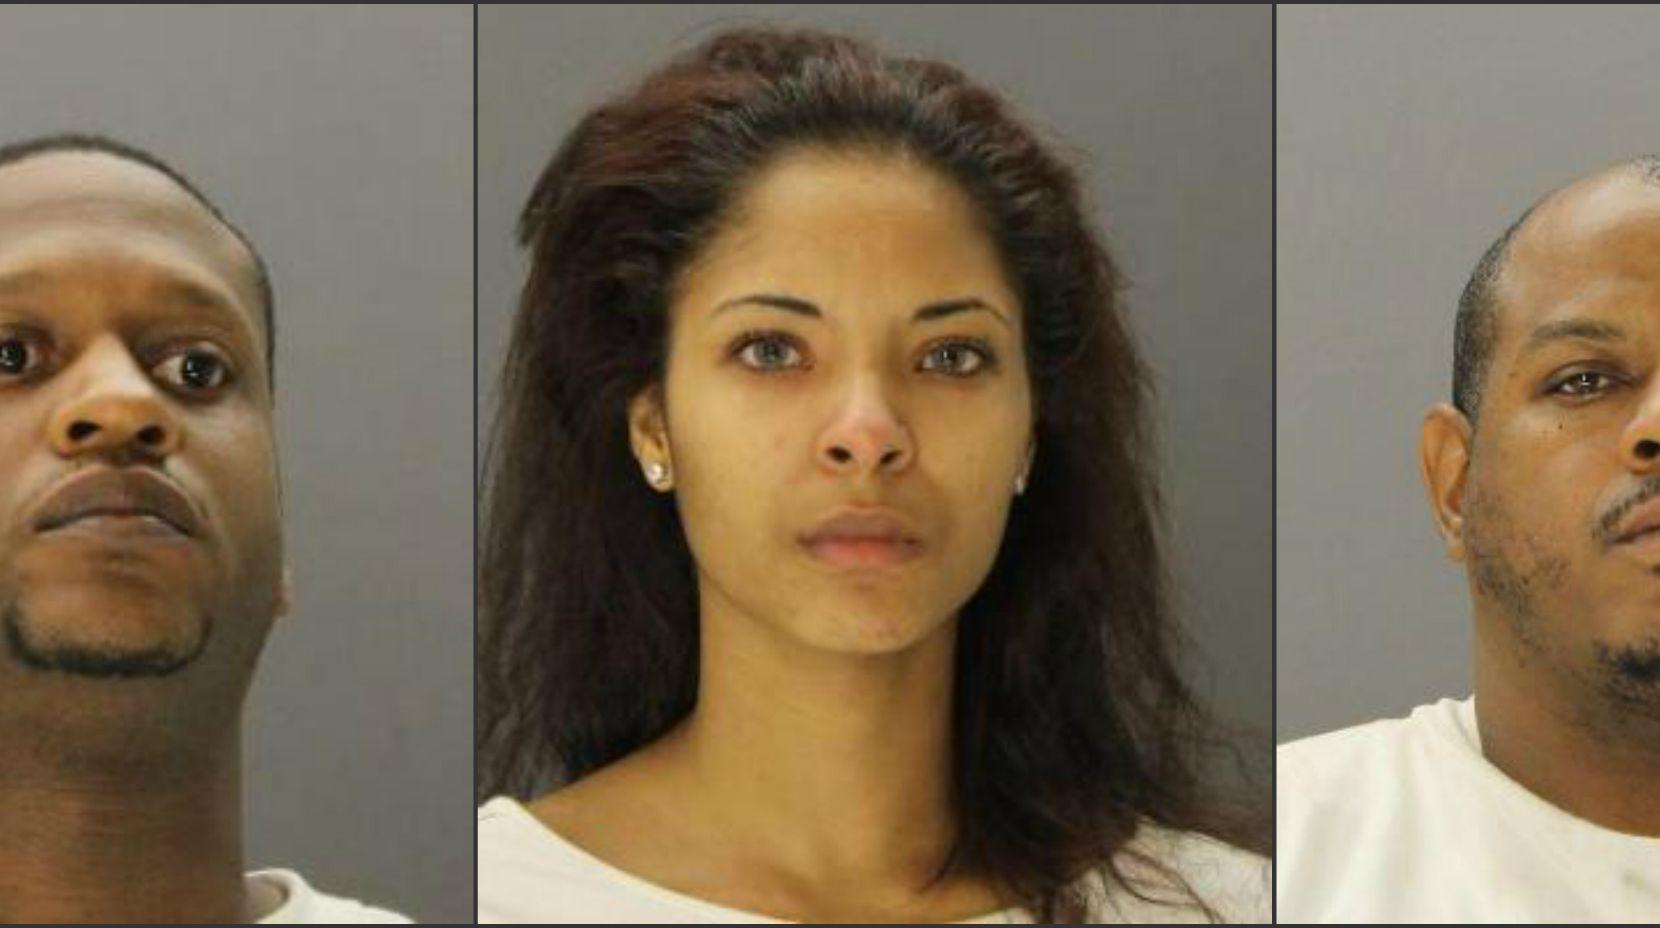 Police arrest 3, seize $94,000, hundreds of Southwest